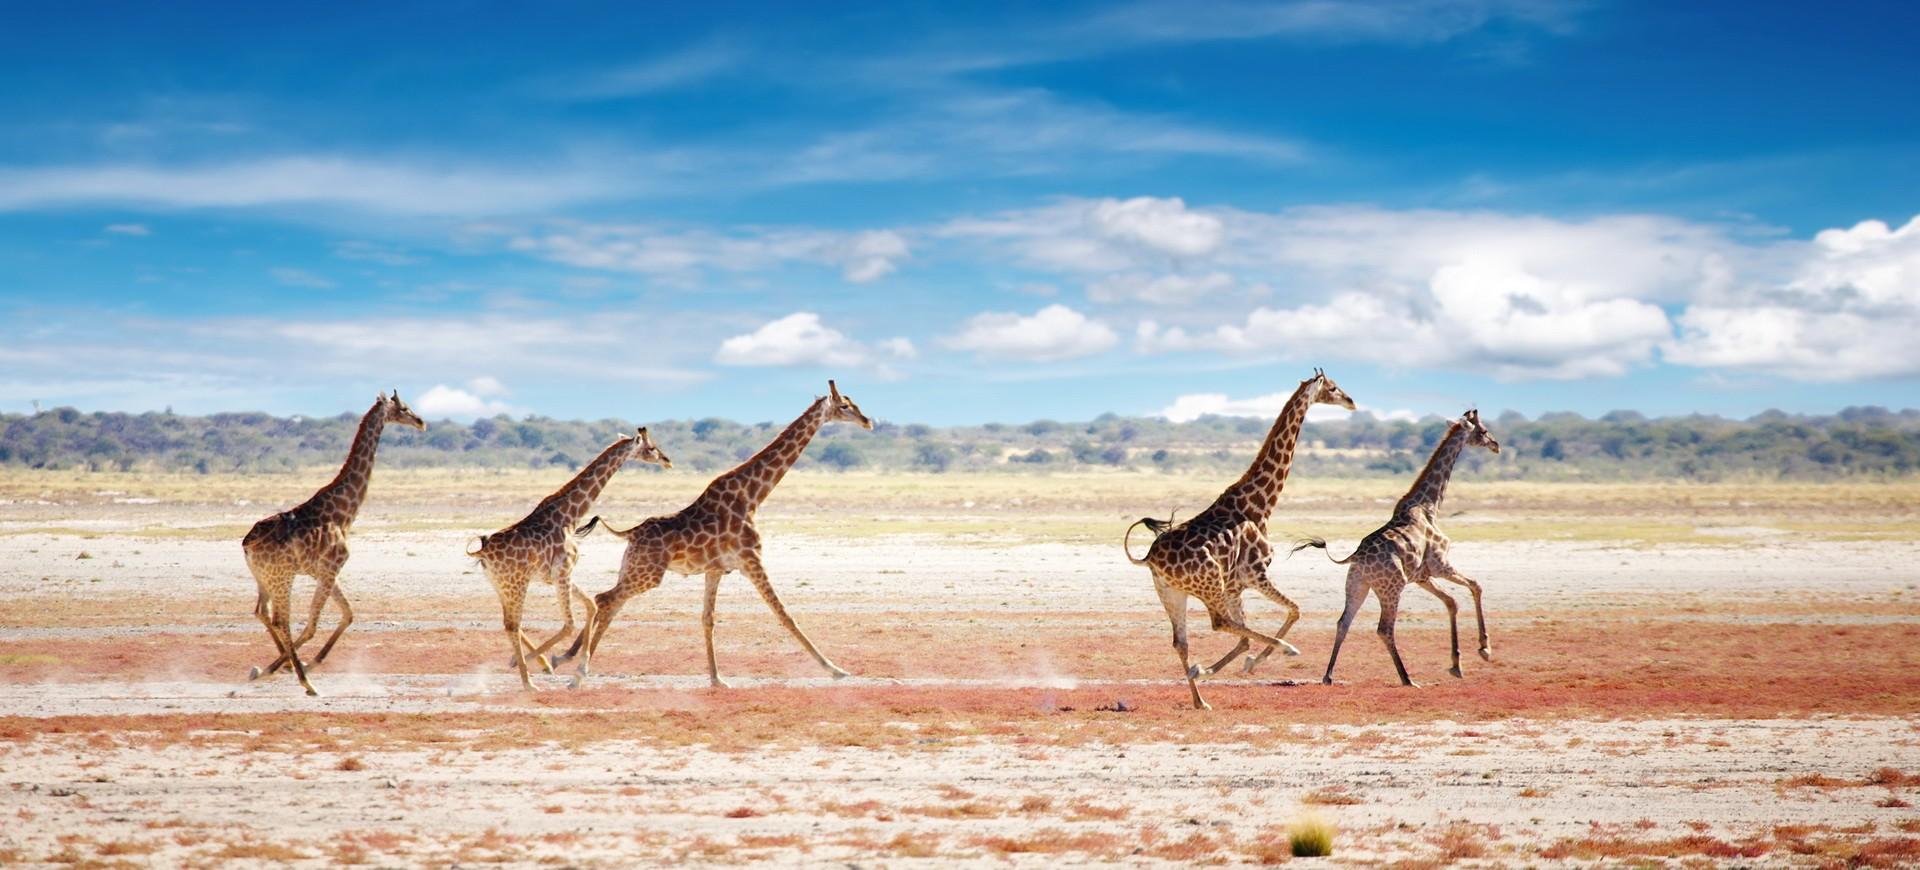 Namibie Etosha Girafes dans la Réserve d'animaux